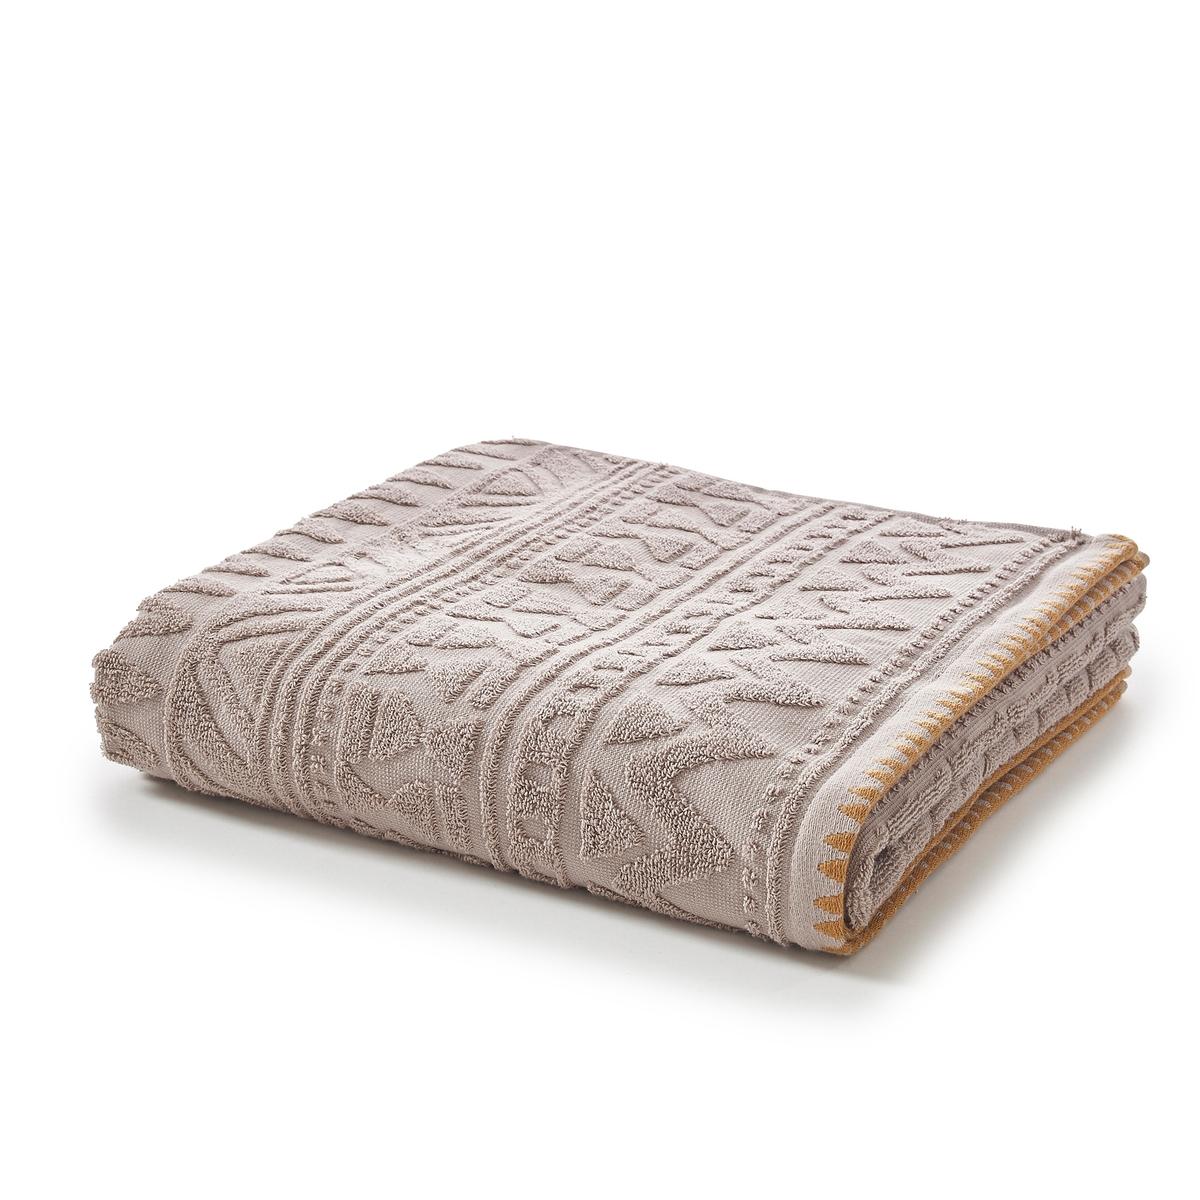 Полотенце для рук из жаккардовой махровой ткани, LimaХарактеристики полотенца для рук Lima :Жаккардовая махровая ткань, 100% хлопок, 500 г/м?Отделка кантом контрастного цветаМашинная стирка при 60 °С.Всю коллекцию текстиля для ванной Lima вы можете найти на сайте laredoute.ruРазмеры полотенца для рук Lima :50 x 100 см<br><br>Цвет: белый,серо-коричневый